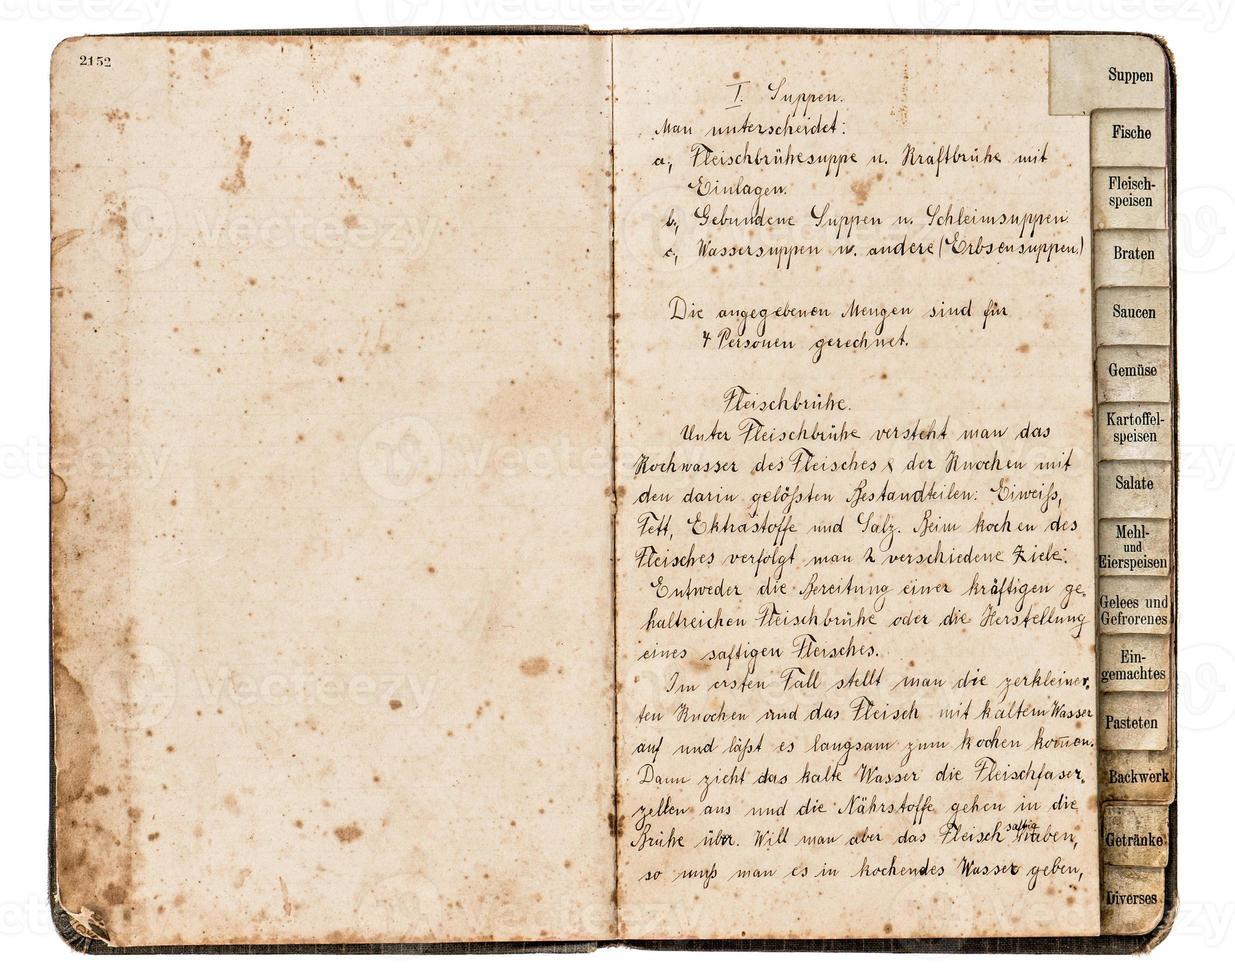 livro de receitas antigas com texto manuscrito foto